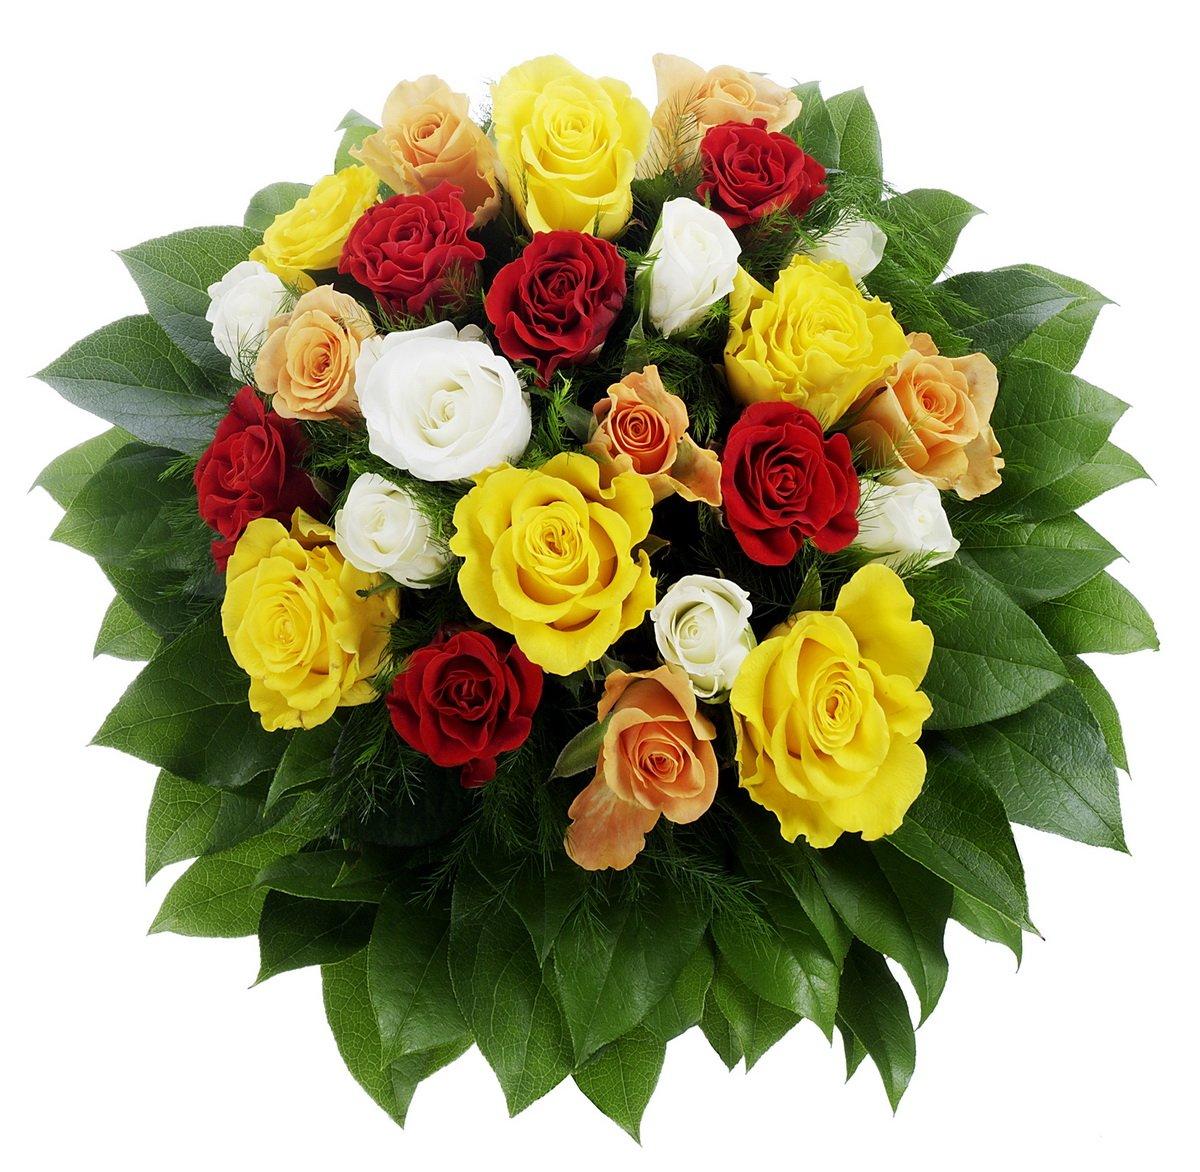 Bunter Rosenstrauß mit 24 Rosen, 1 Strauß